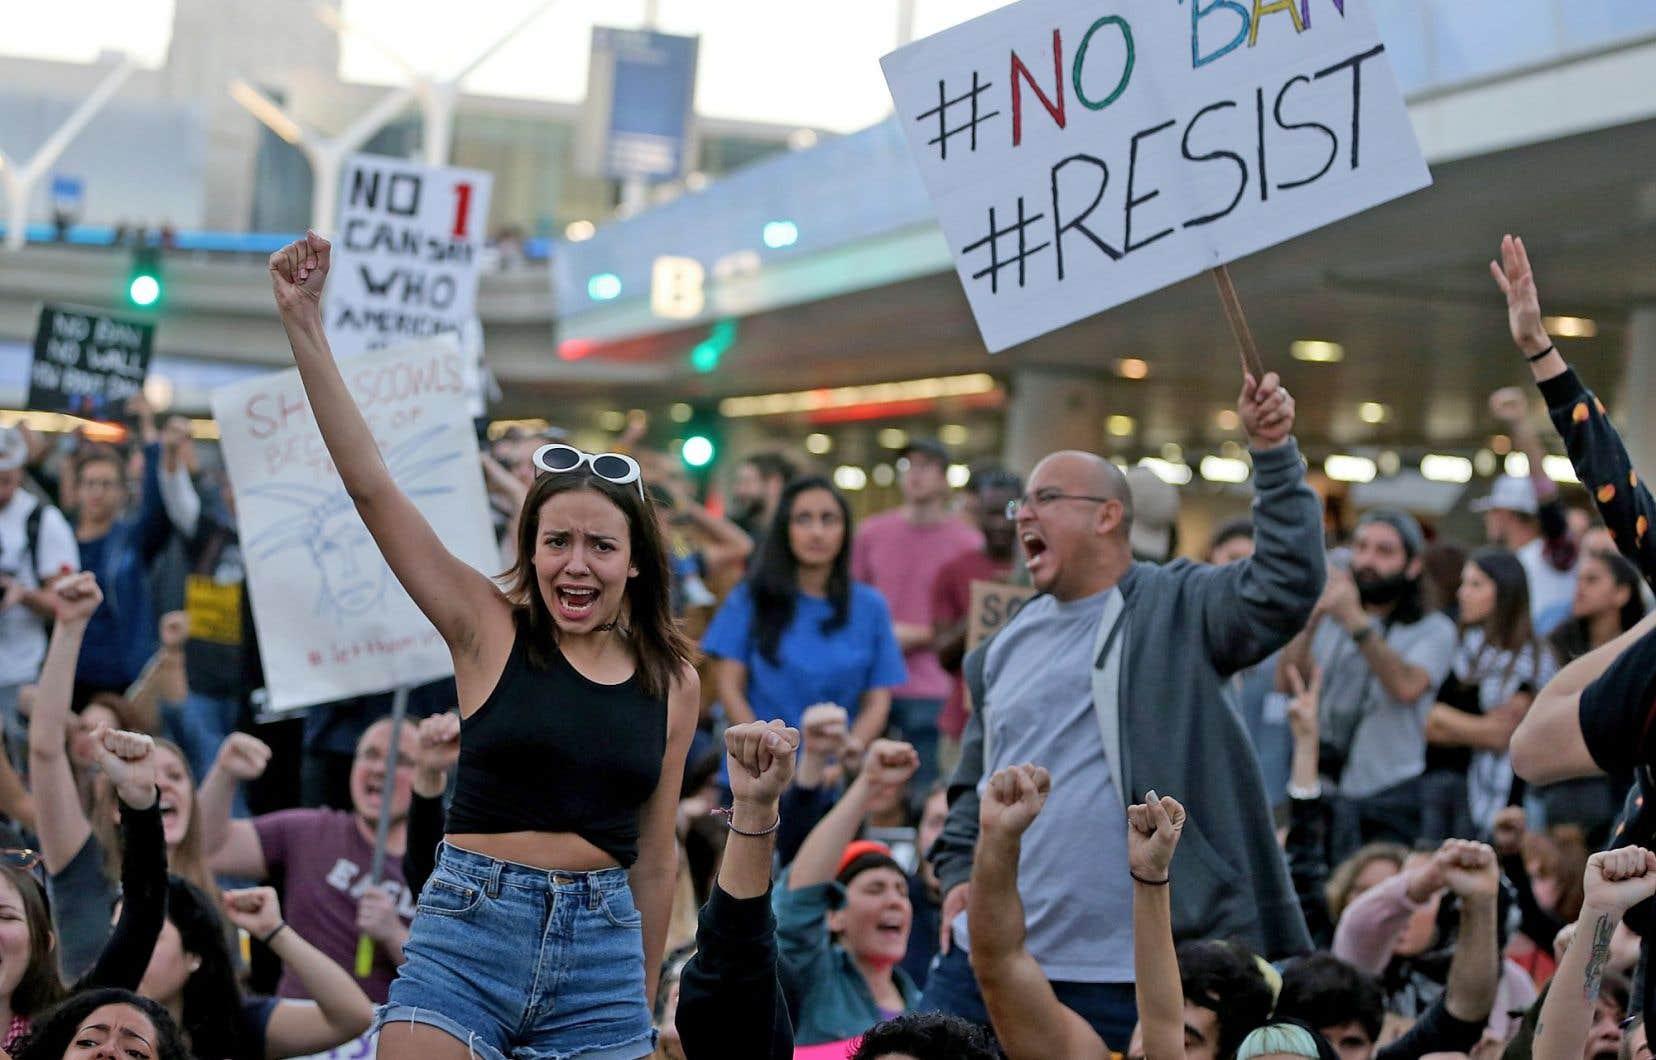 Le décret présidentiel a eu pour effet de déclencher des manifestations monstres dans plusieurs grands aéroports américains, dont celui de Los Angeles.